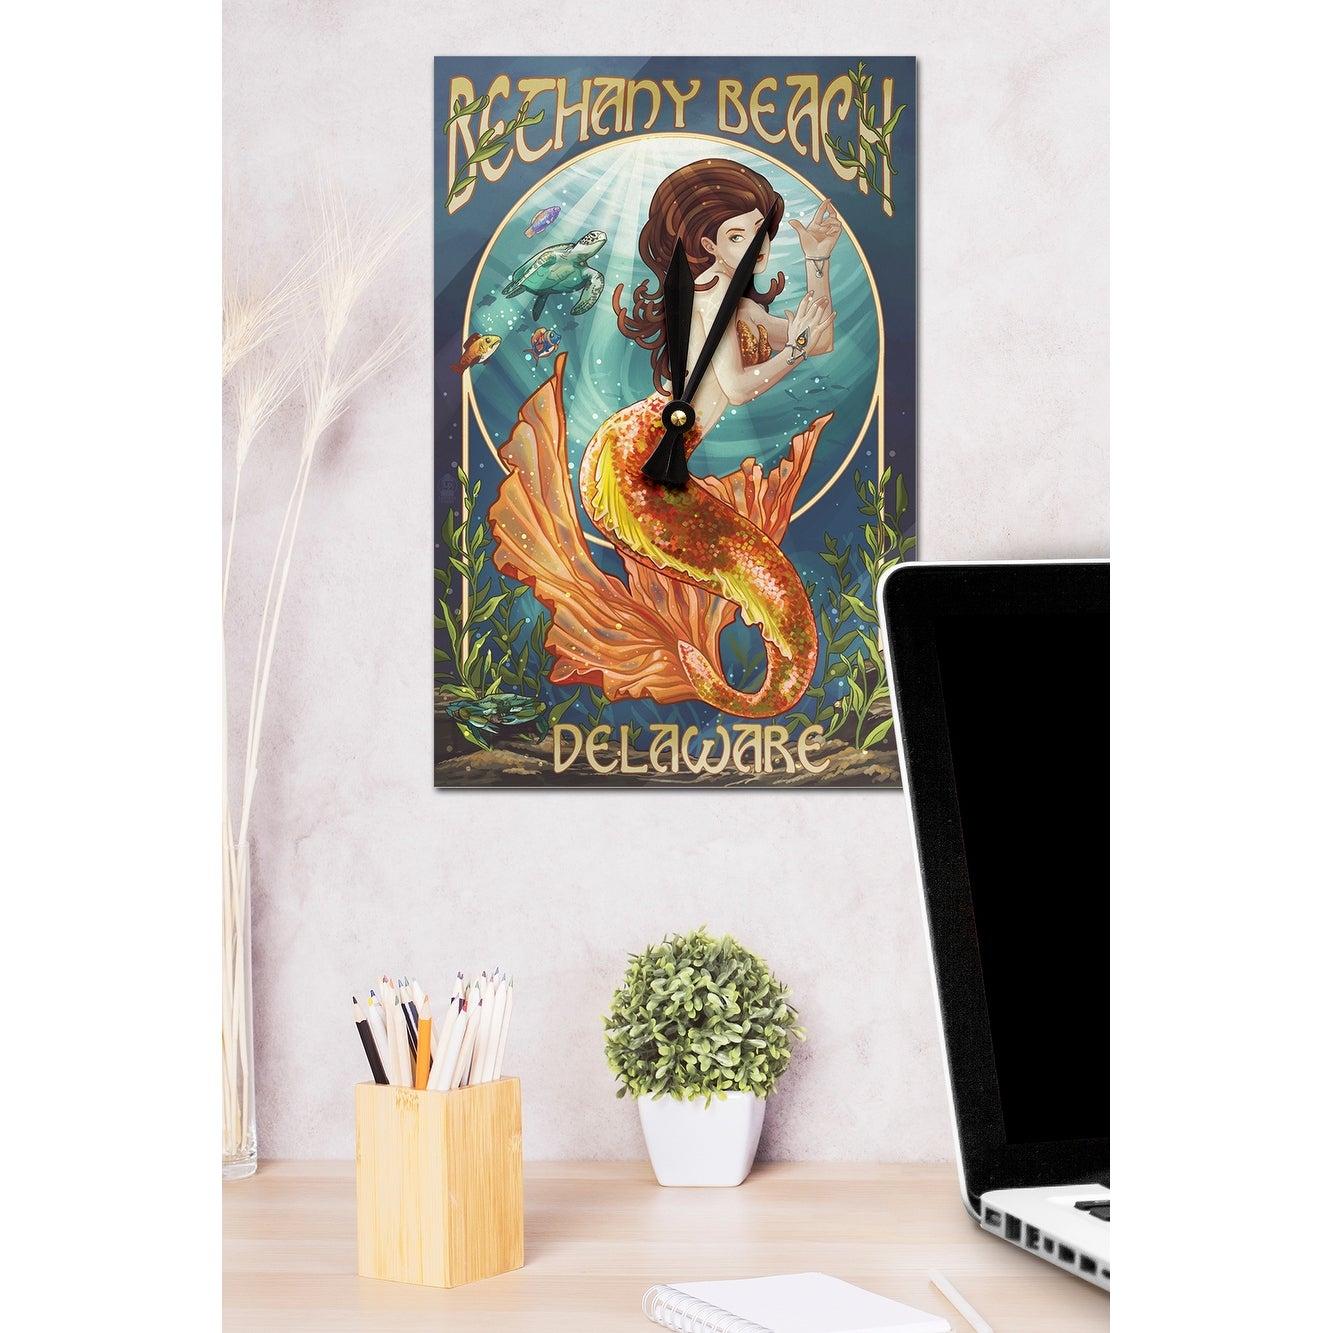 Bethany Beach, Delaware   Mermaid   Lantern Press Artwork (Acrylic Wall  Clock)   Acrylic Wall Clock